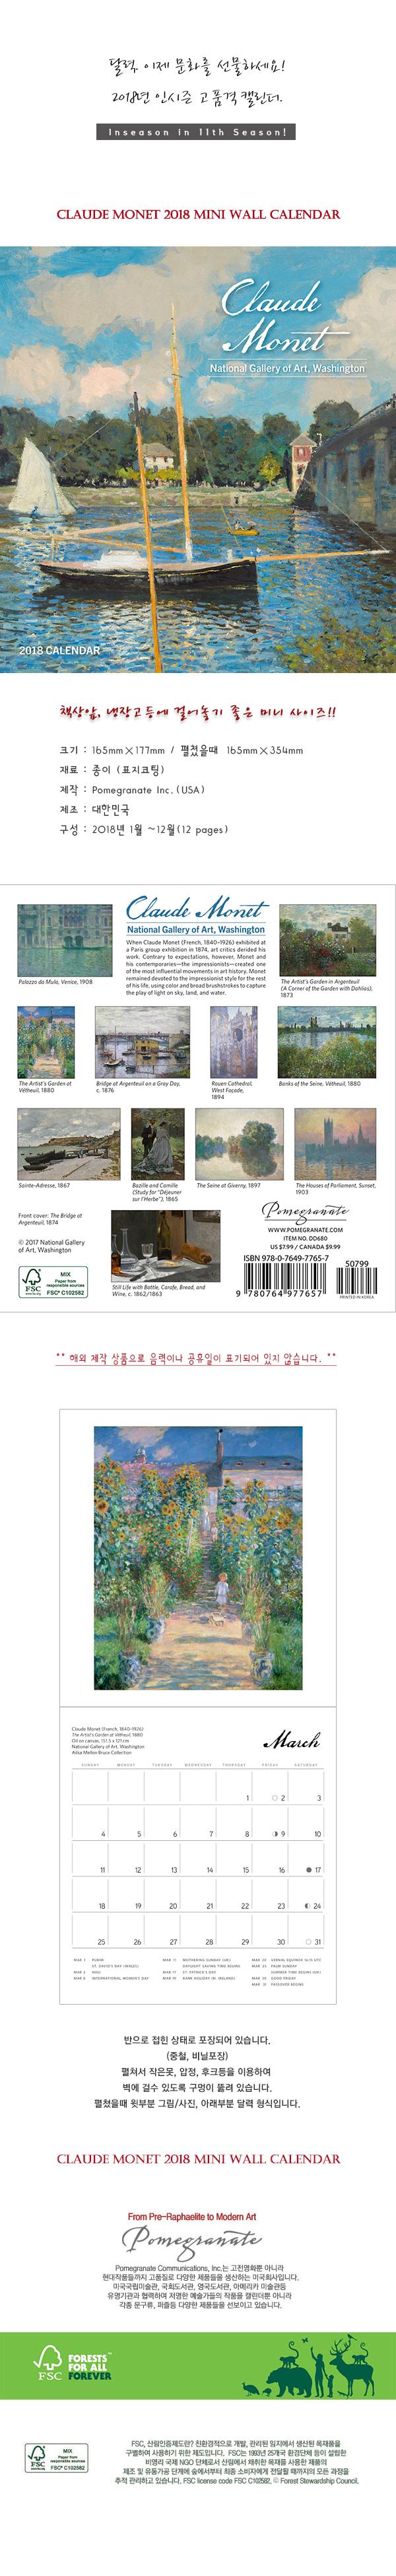 2018 미니캘린더 클로드 모네 Claude Monet11,000원-포미그레닛디자인문구, 다이어리/캘린더, 캘린더, 벽걸이캘린더바보사랑2018 미니캘린더 클로드 모네 Claude Monet11,000원-포미그레닛디자인문구, 다이어리/캘린더, 캘린더, 벽걸이캘린더바보사랑